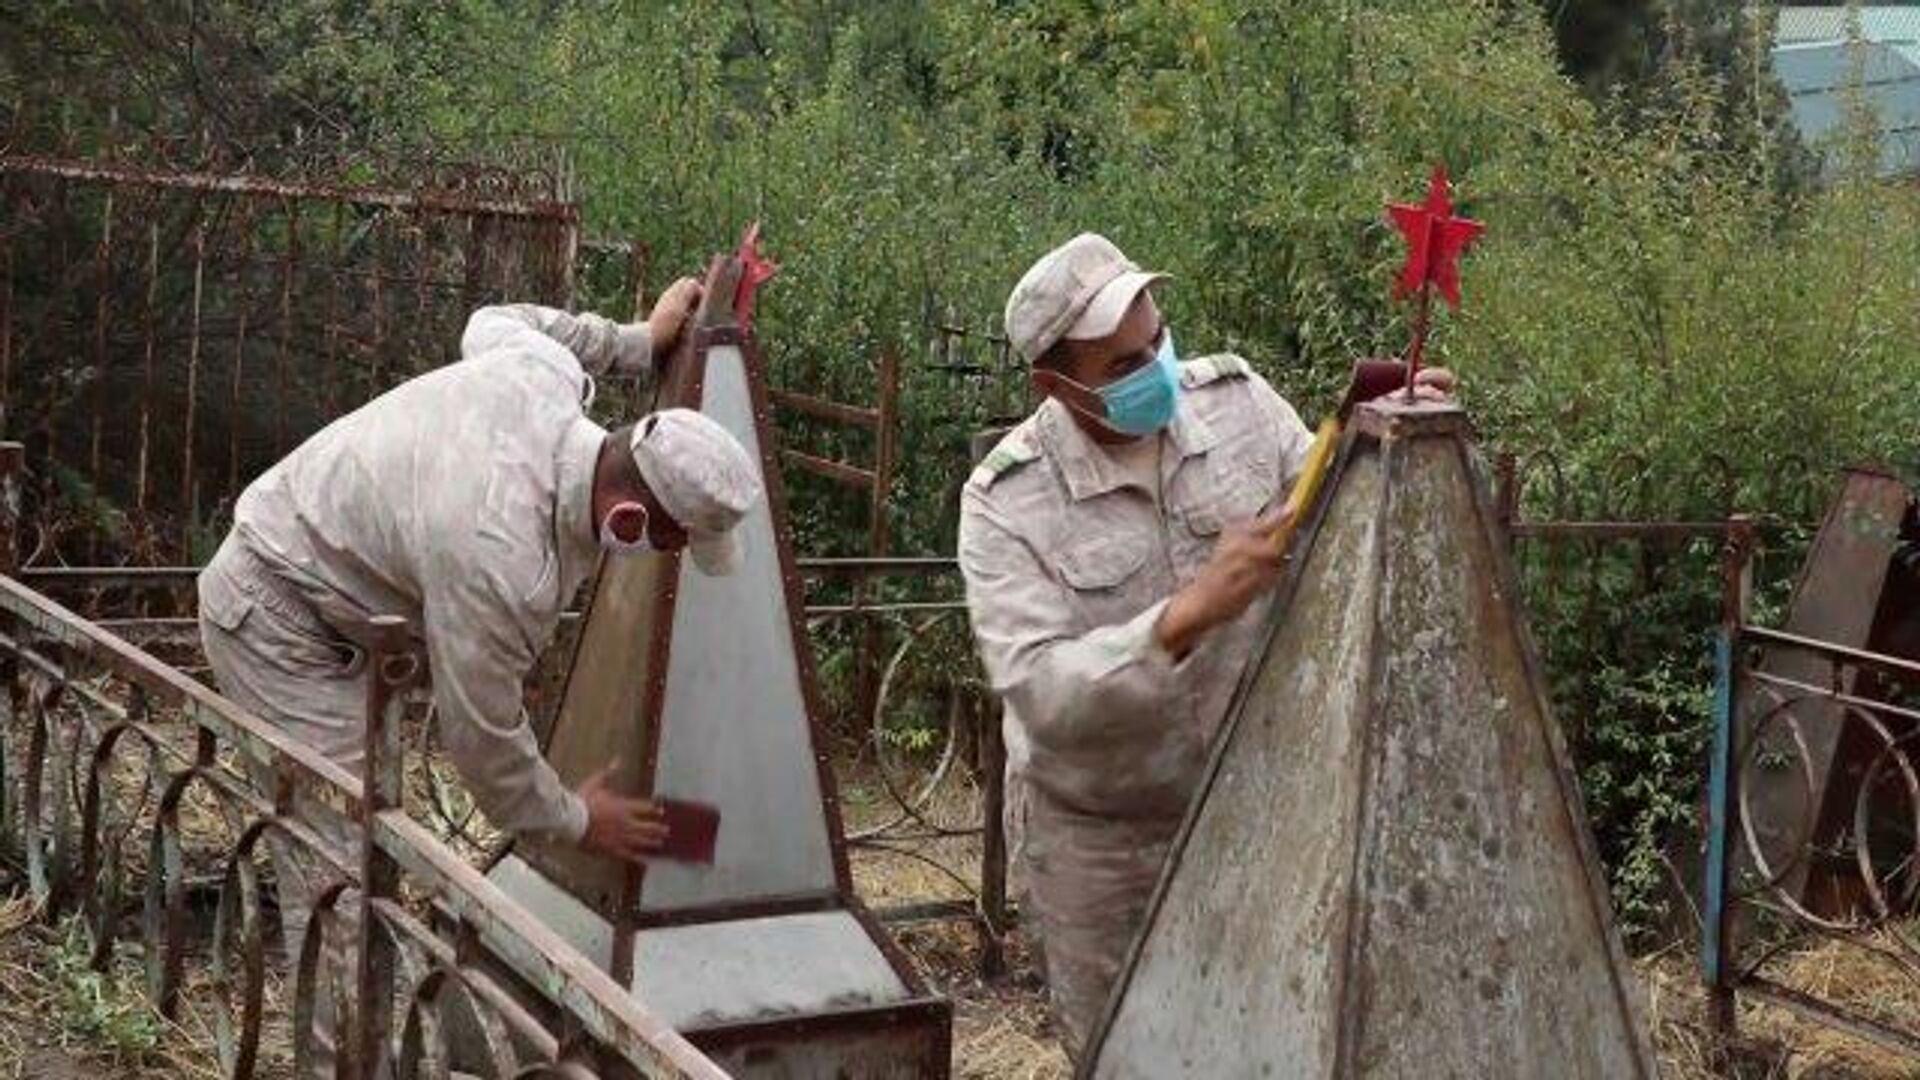 Ко Дню Победы: военные восстановили могилы ветеранов ВОВ в Душанбе - РИА Новости, 1920, 04.05.2021